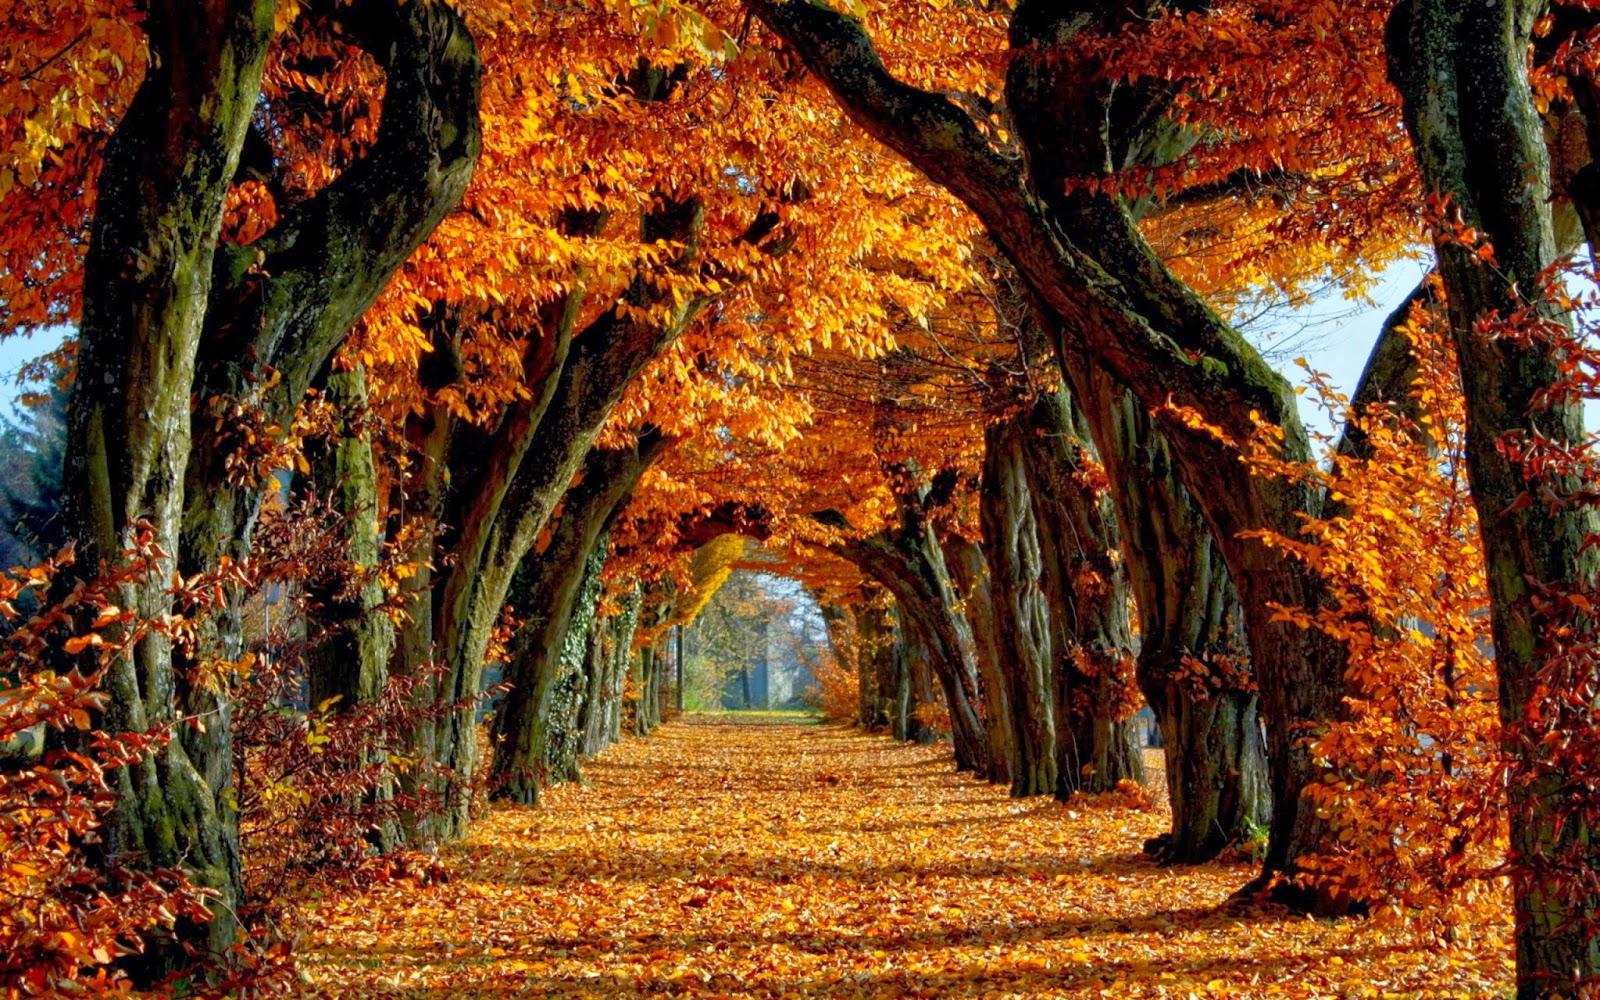 Autumn desktopAutumn desktop Wallpaper 1600x1000